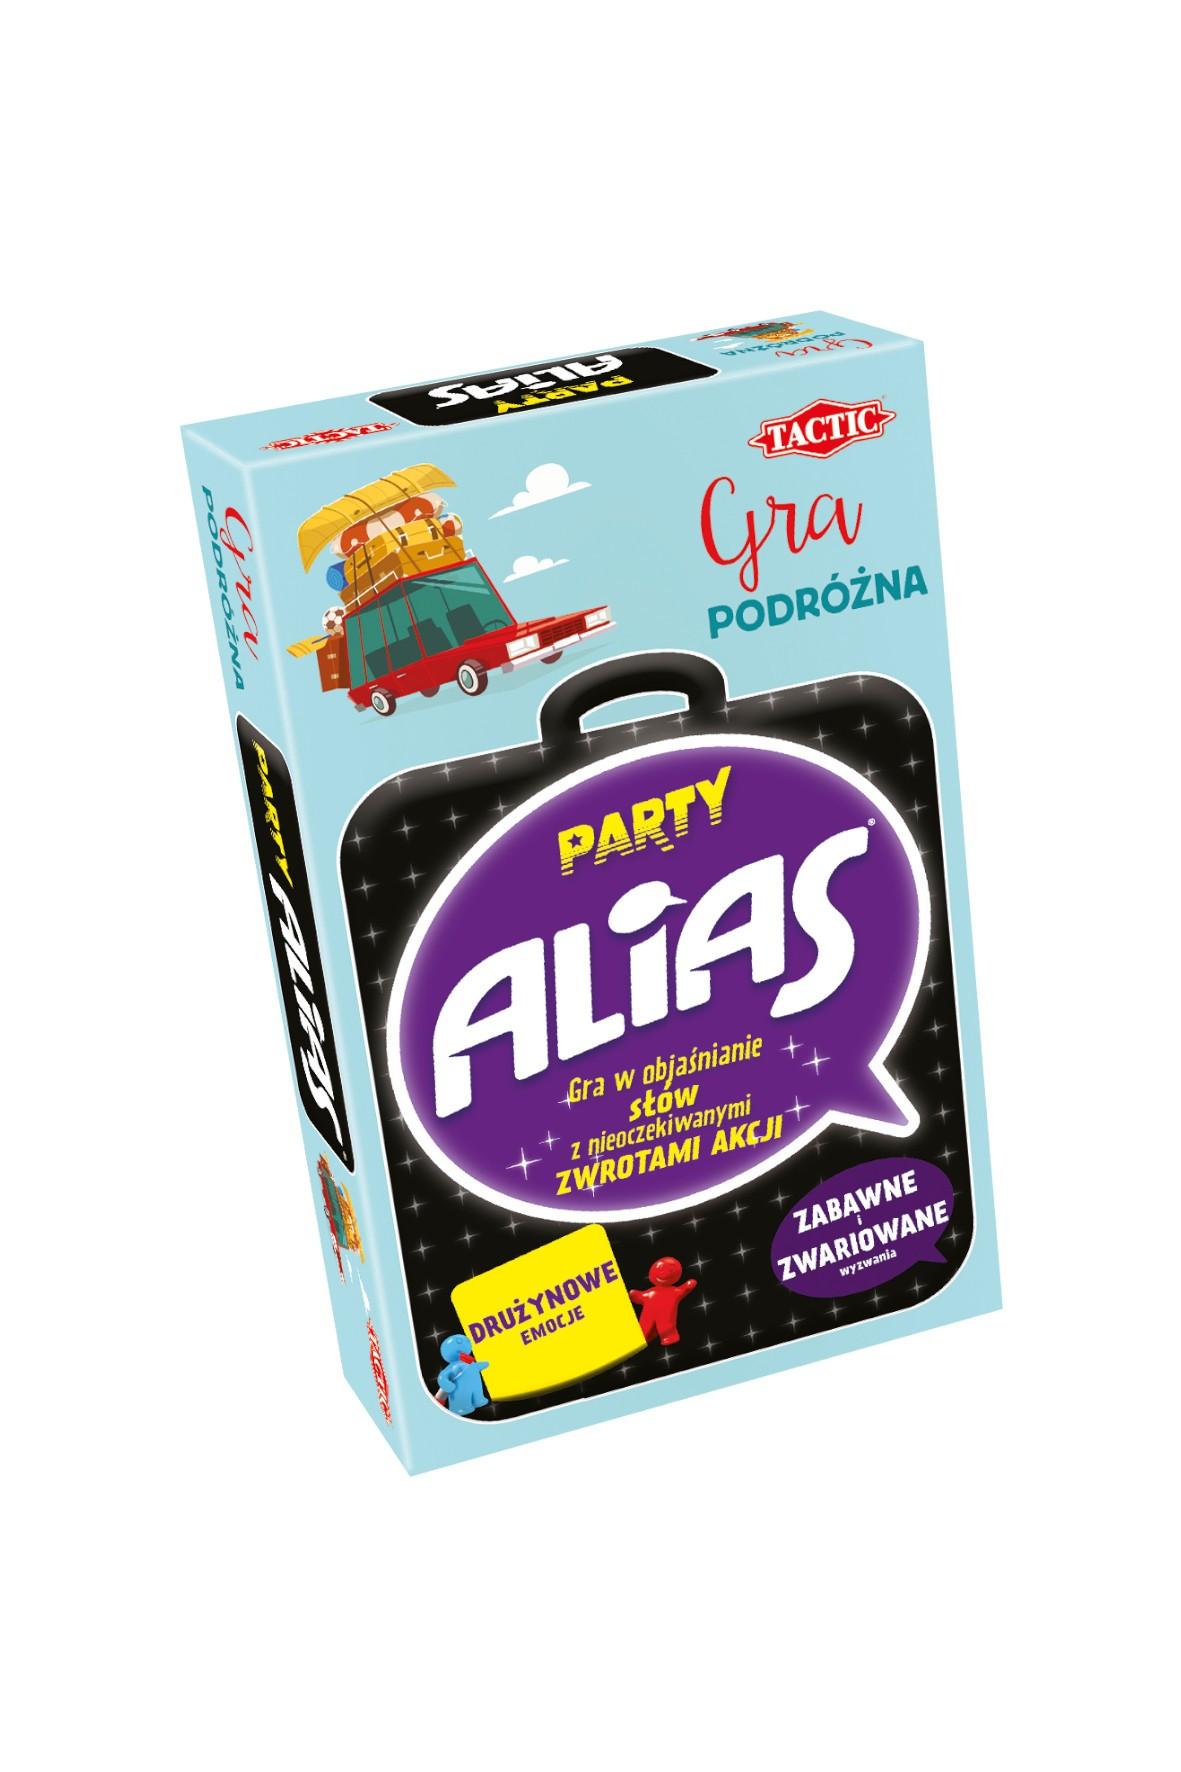 Gra planszowa Party Alias wersja podróżna wiek 12+